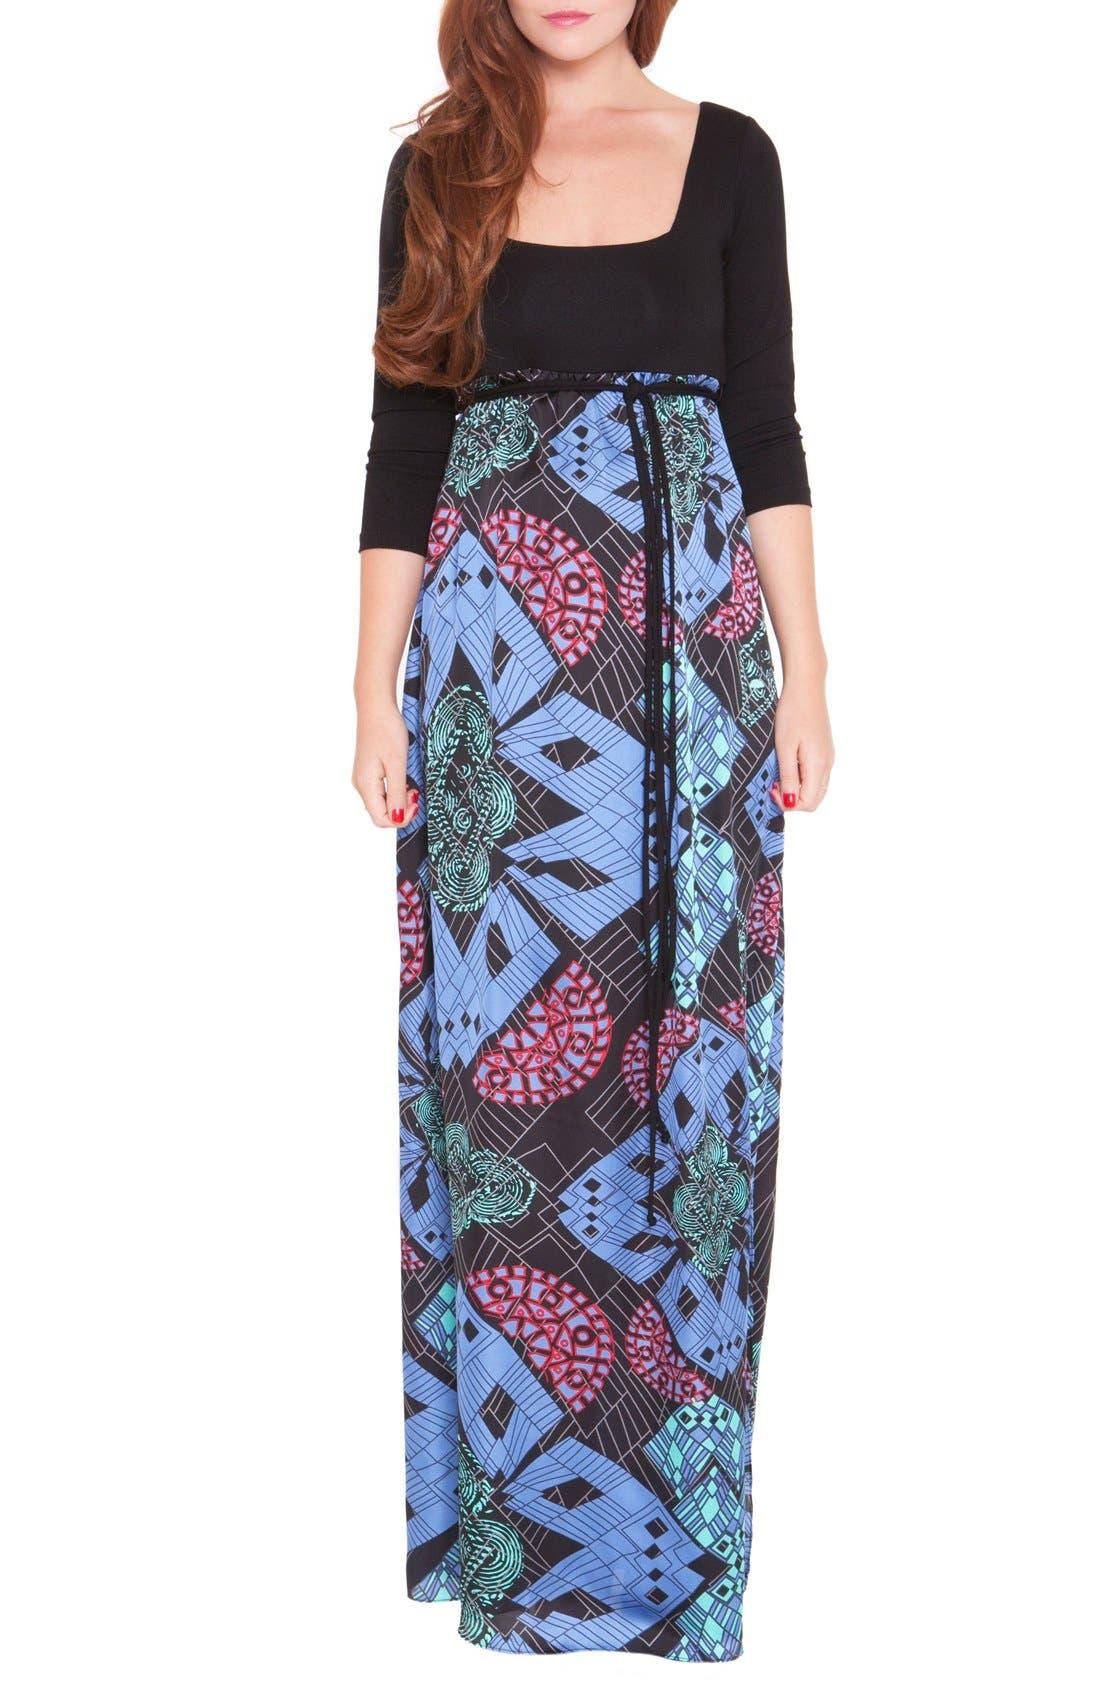 'Samantha' Maternity Maxi Dress,                             Main thumbnail 1, color,                             BLUE